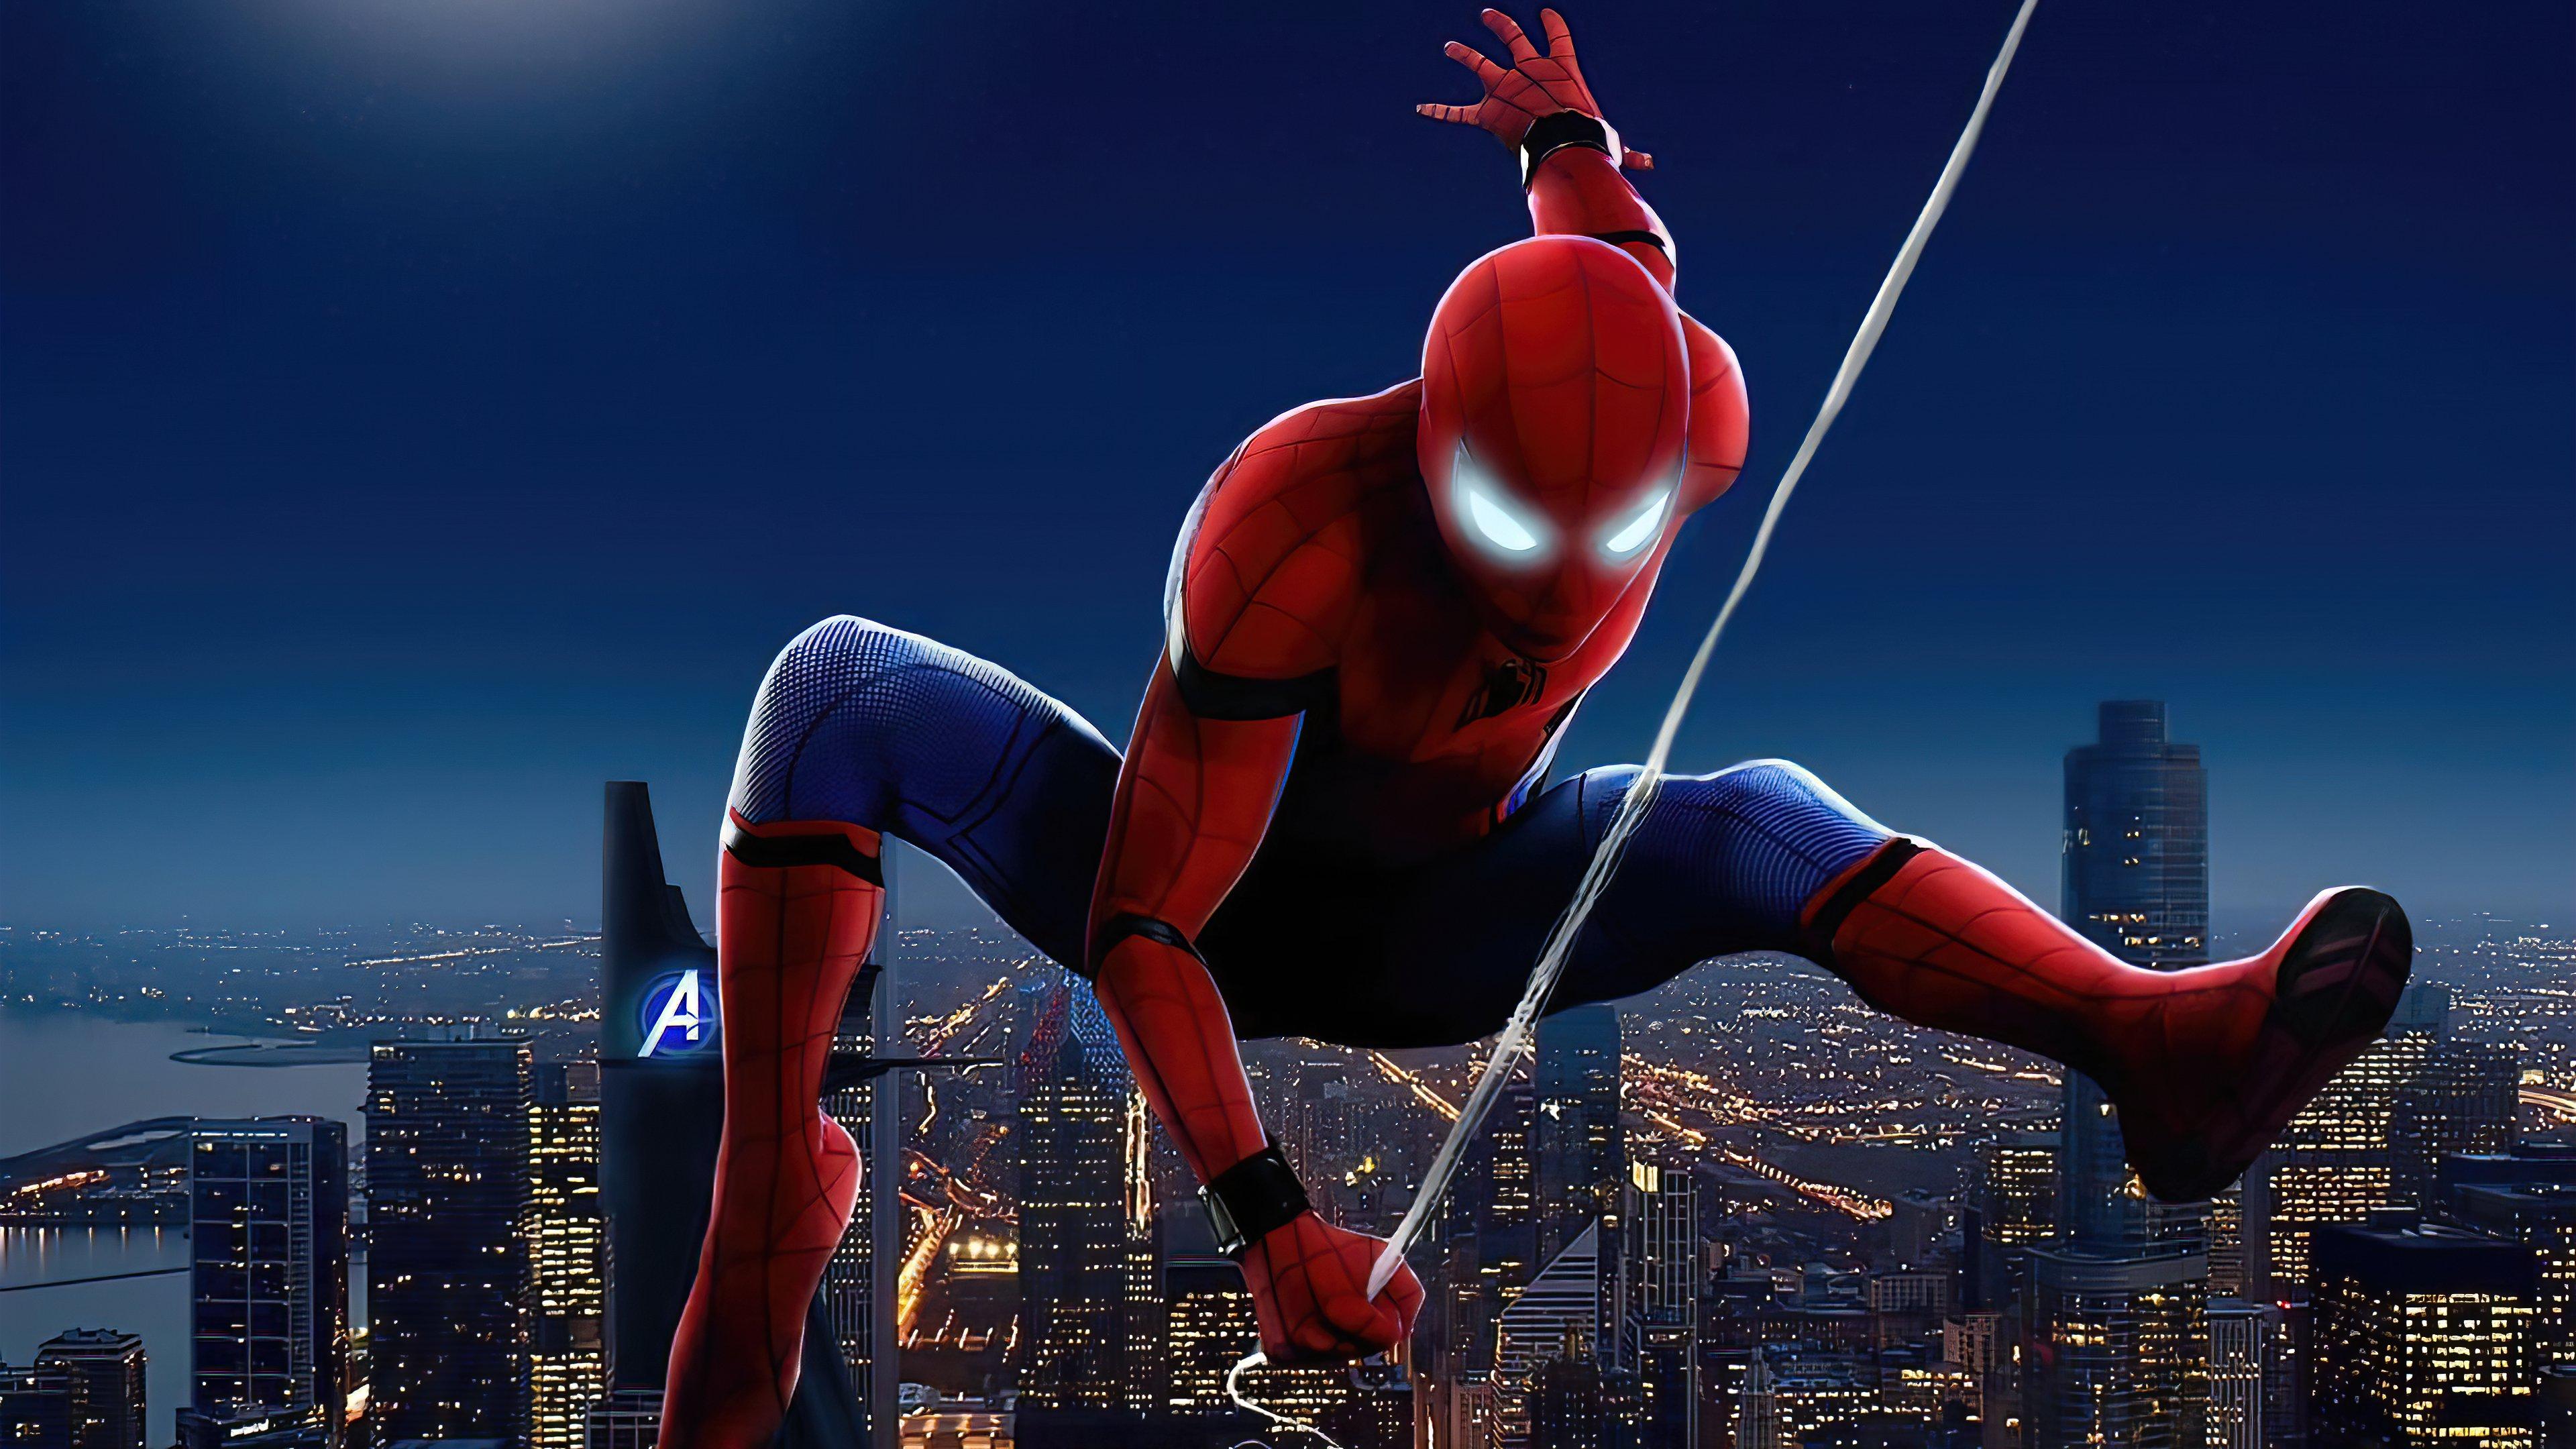 Fondos de pantalla Spider Man en la ciudad